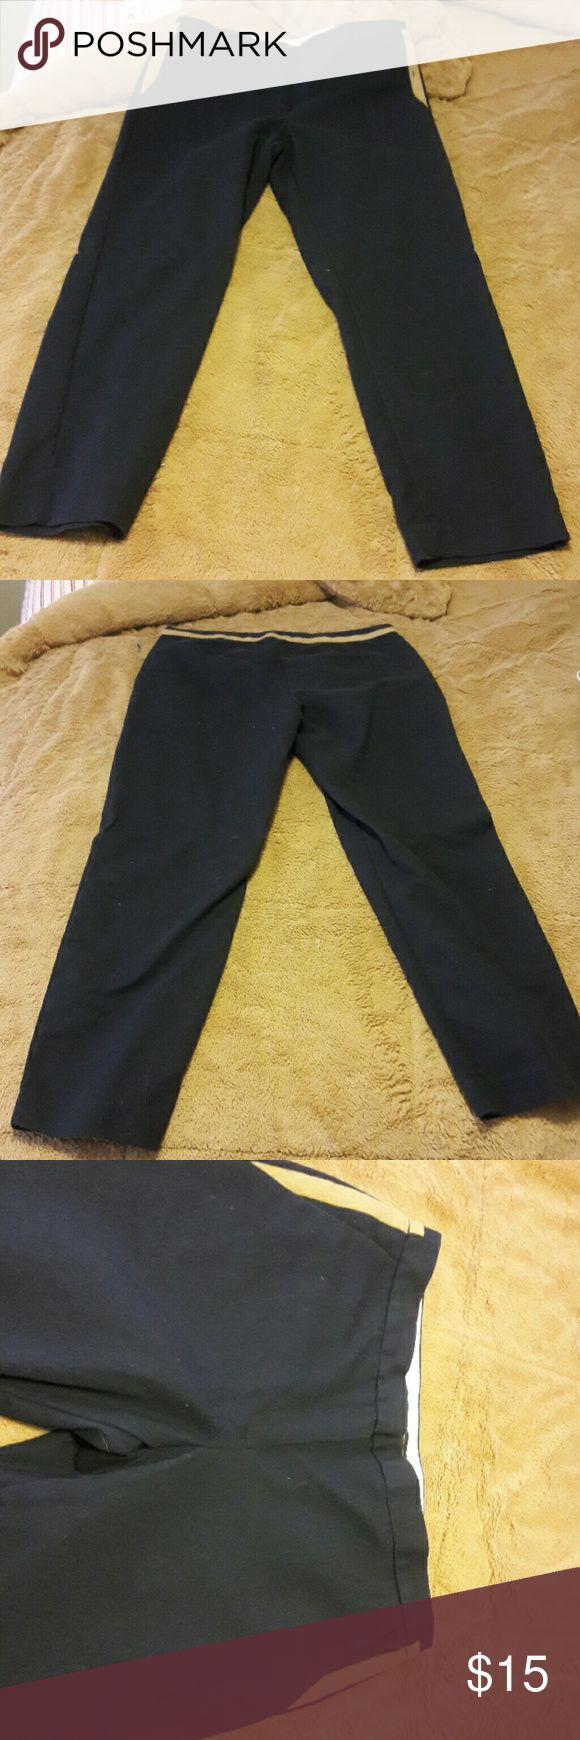 Navy blue british khaki pants British Khaki pants Pants Trousers